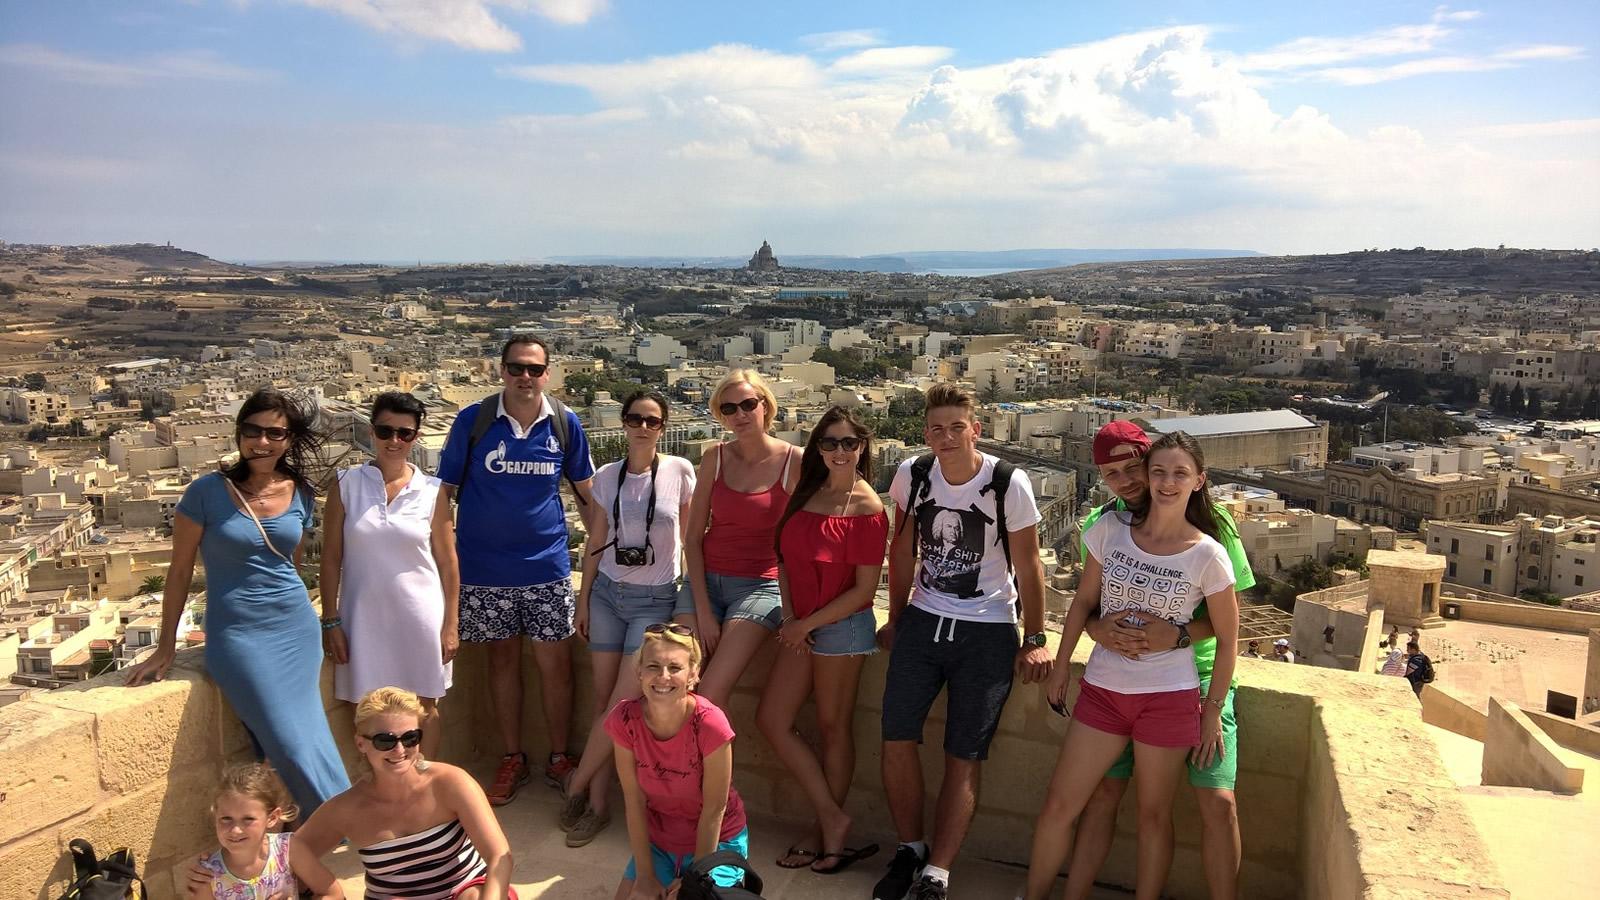 Málta nyelvtanulás- Málta a legbiztonságosabb célpont angol nyelvtanuláshoz.